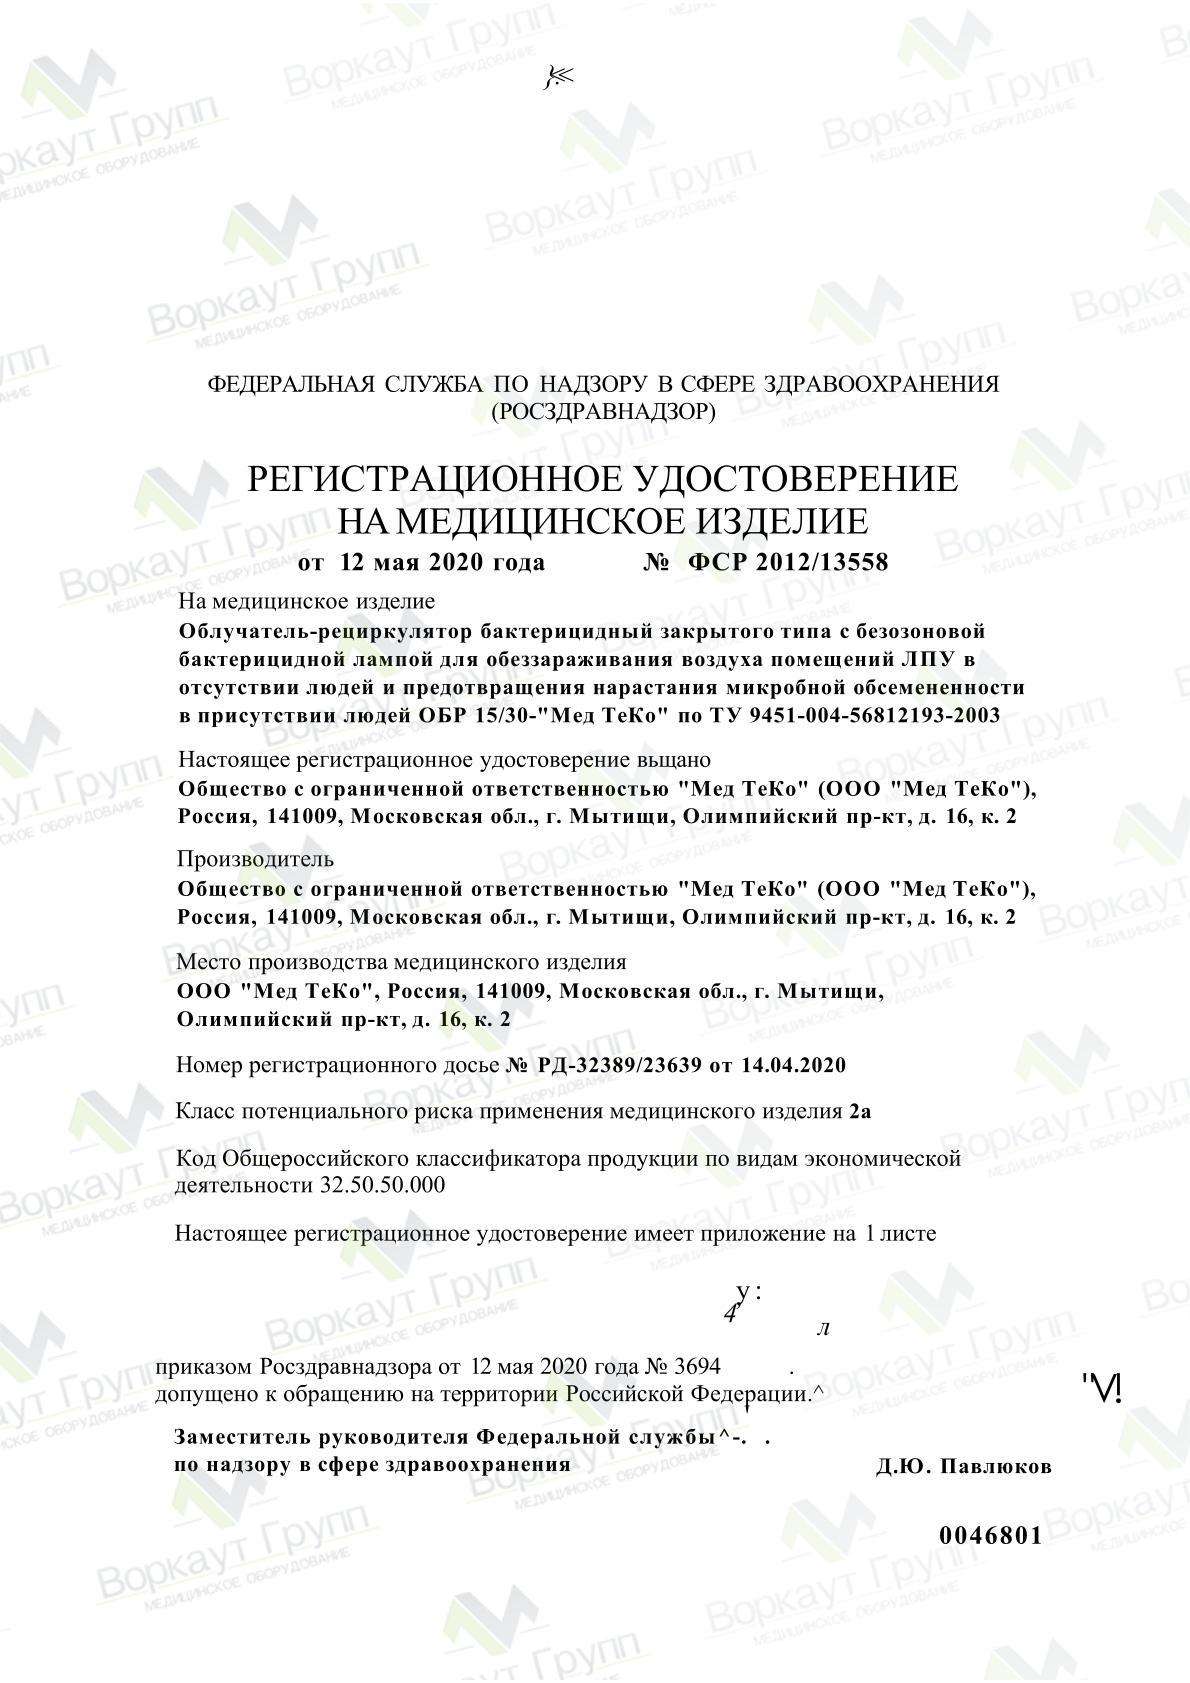 РУ ОБР-15 (прил. 1)